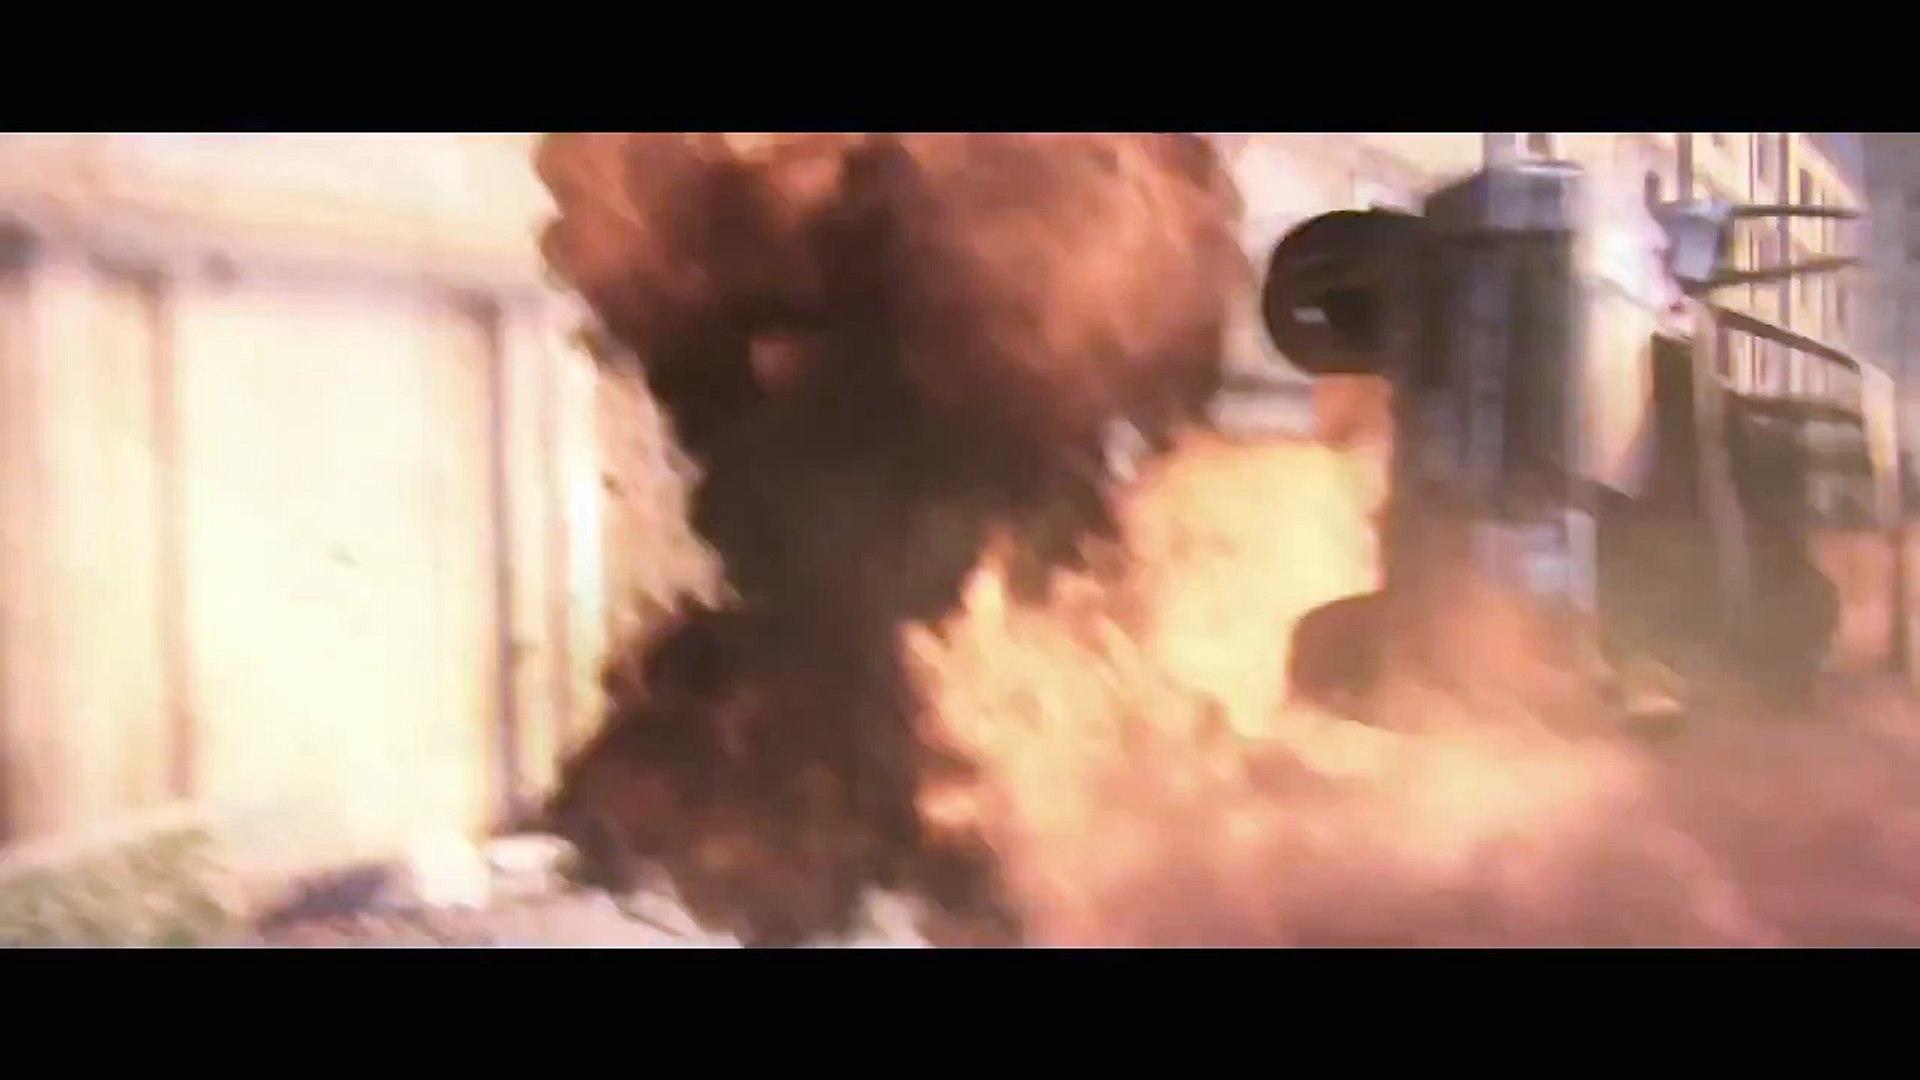 Splinter Cell: Blacklist - Trailer Edit